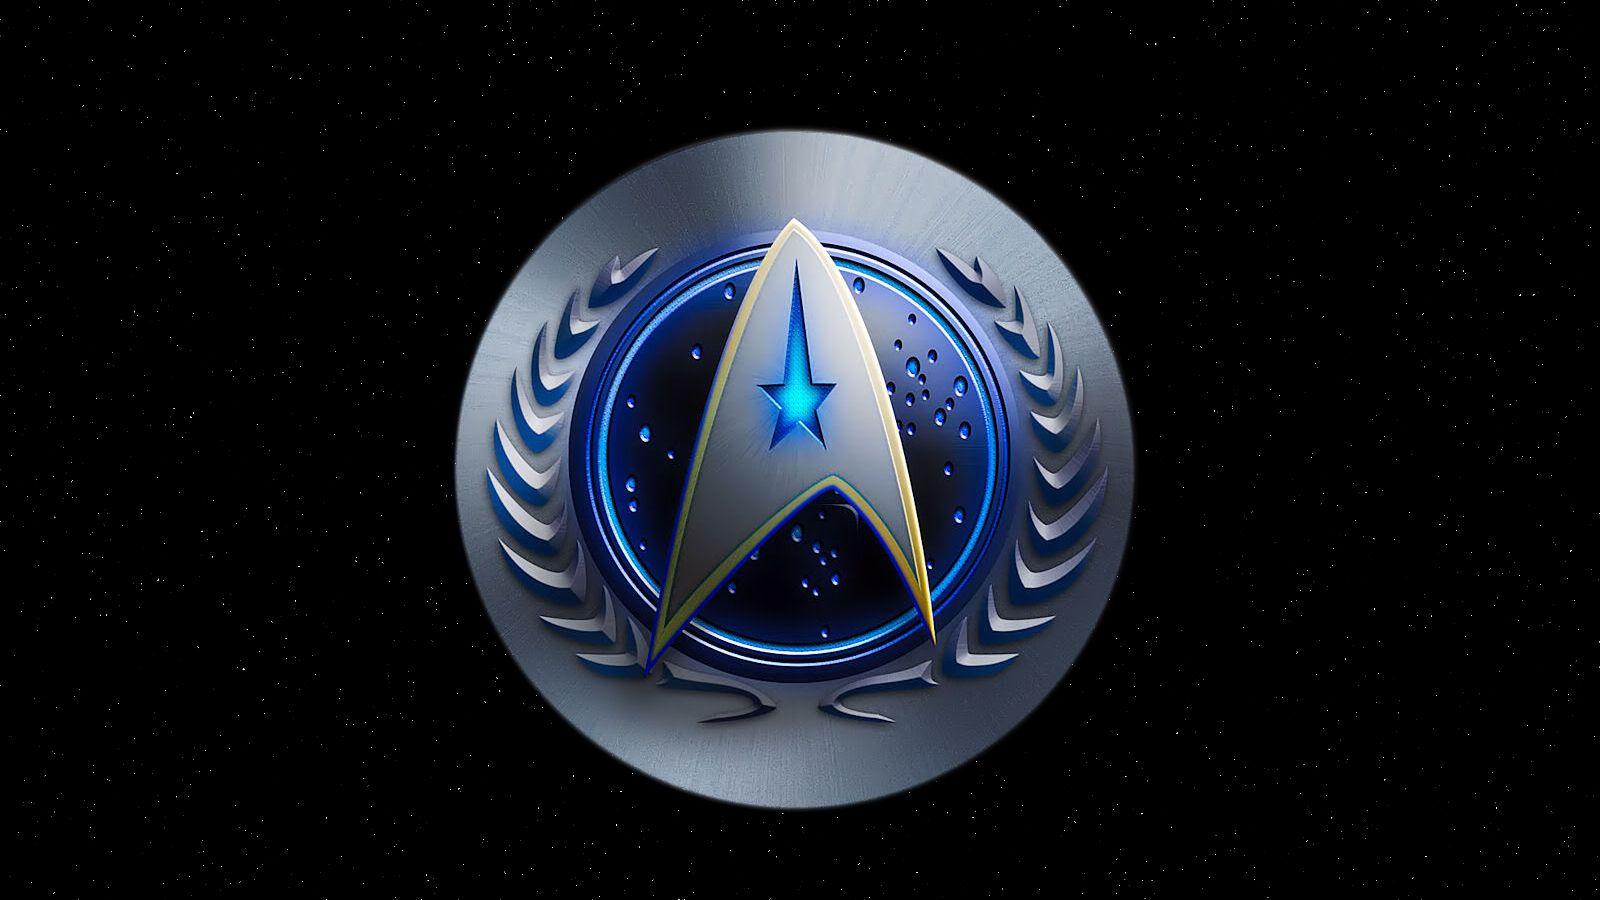 806 Star Trek Wallpapers Star Trek Backgrounds Star